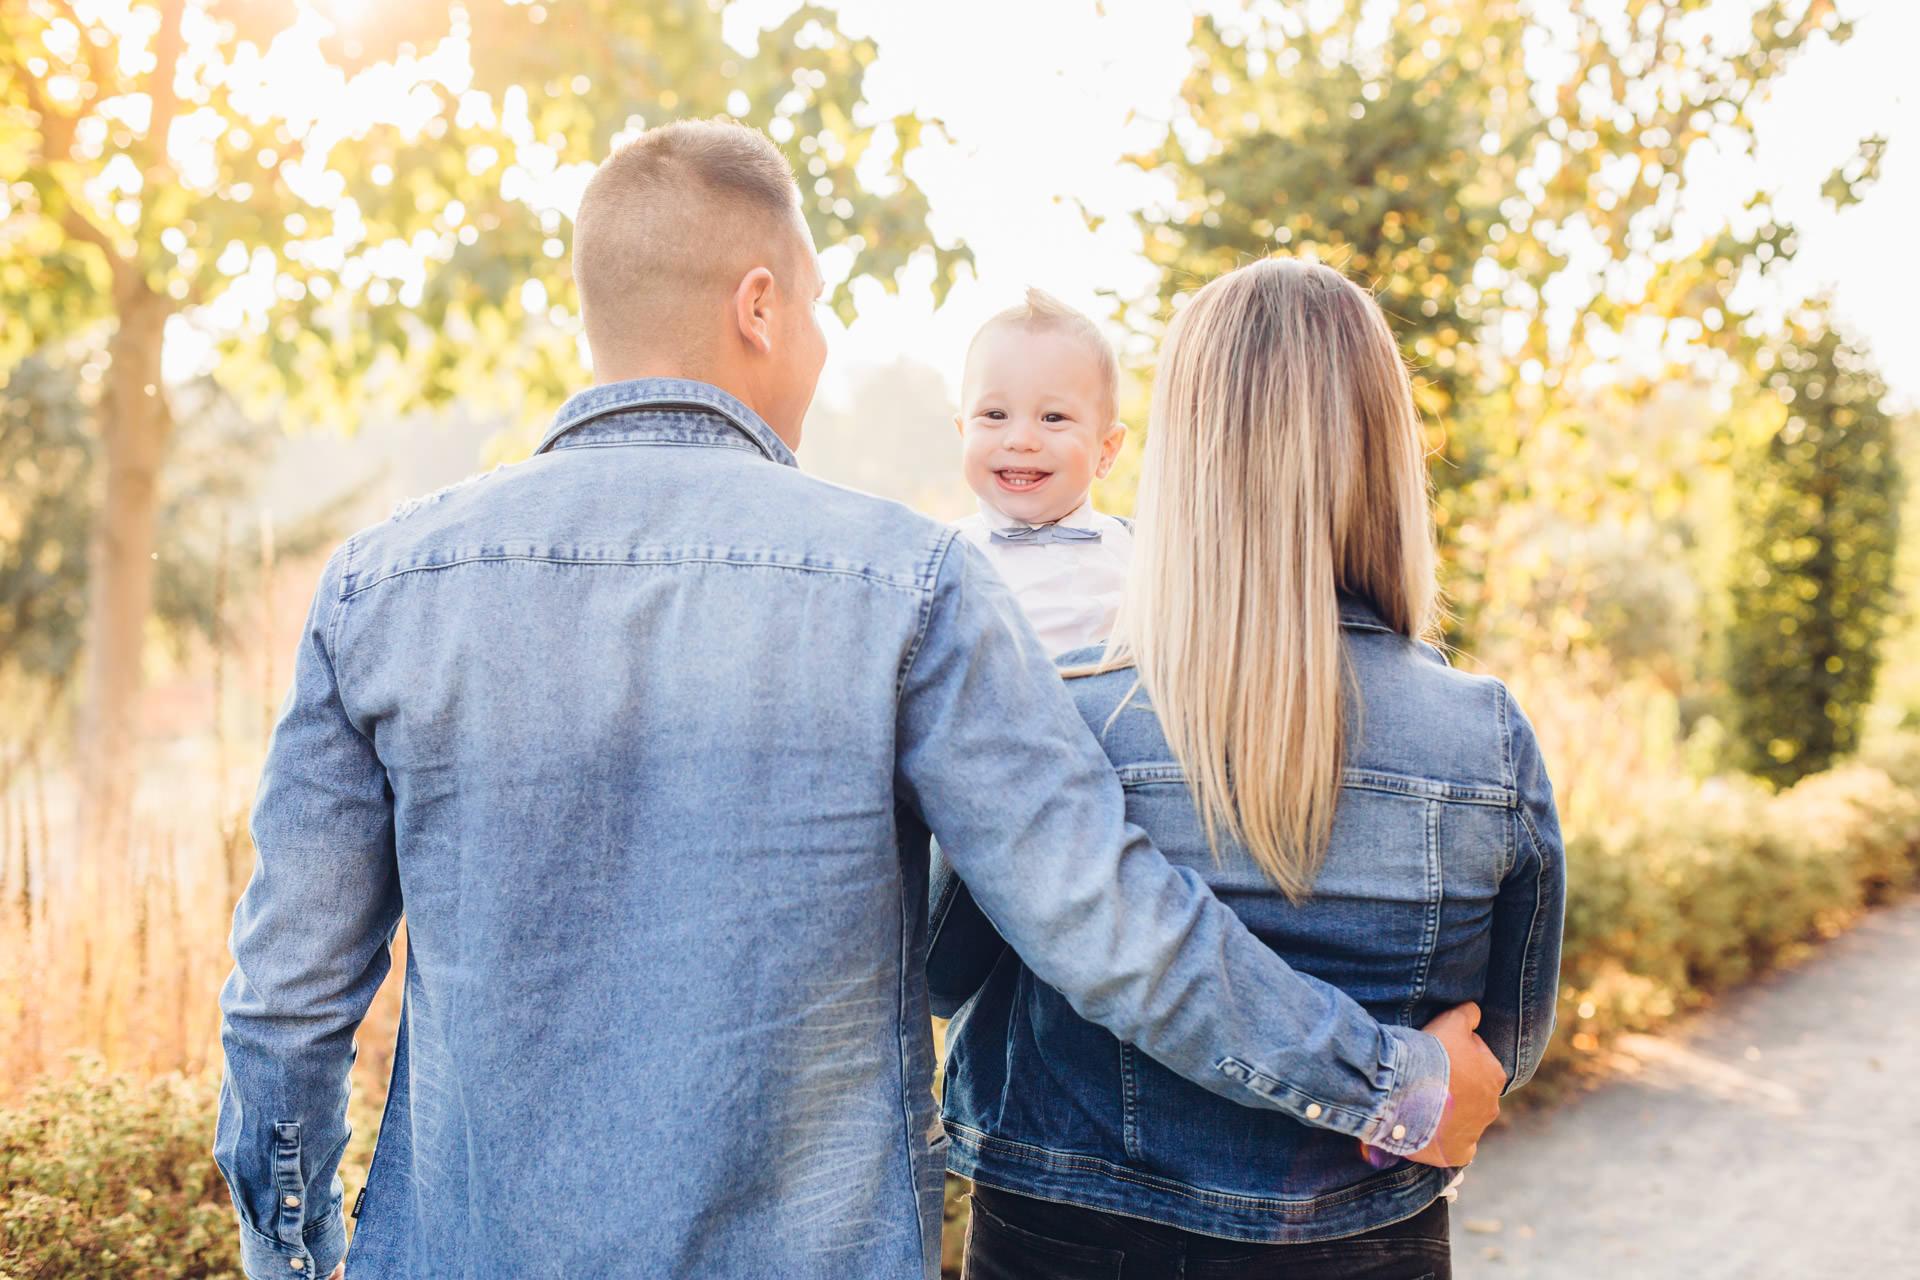 Familienfotos zum ersten Geburtstag kleiner Junge schaut über die Schulter